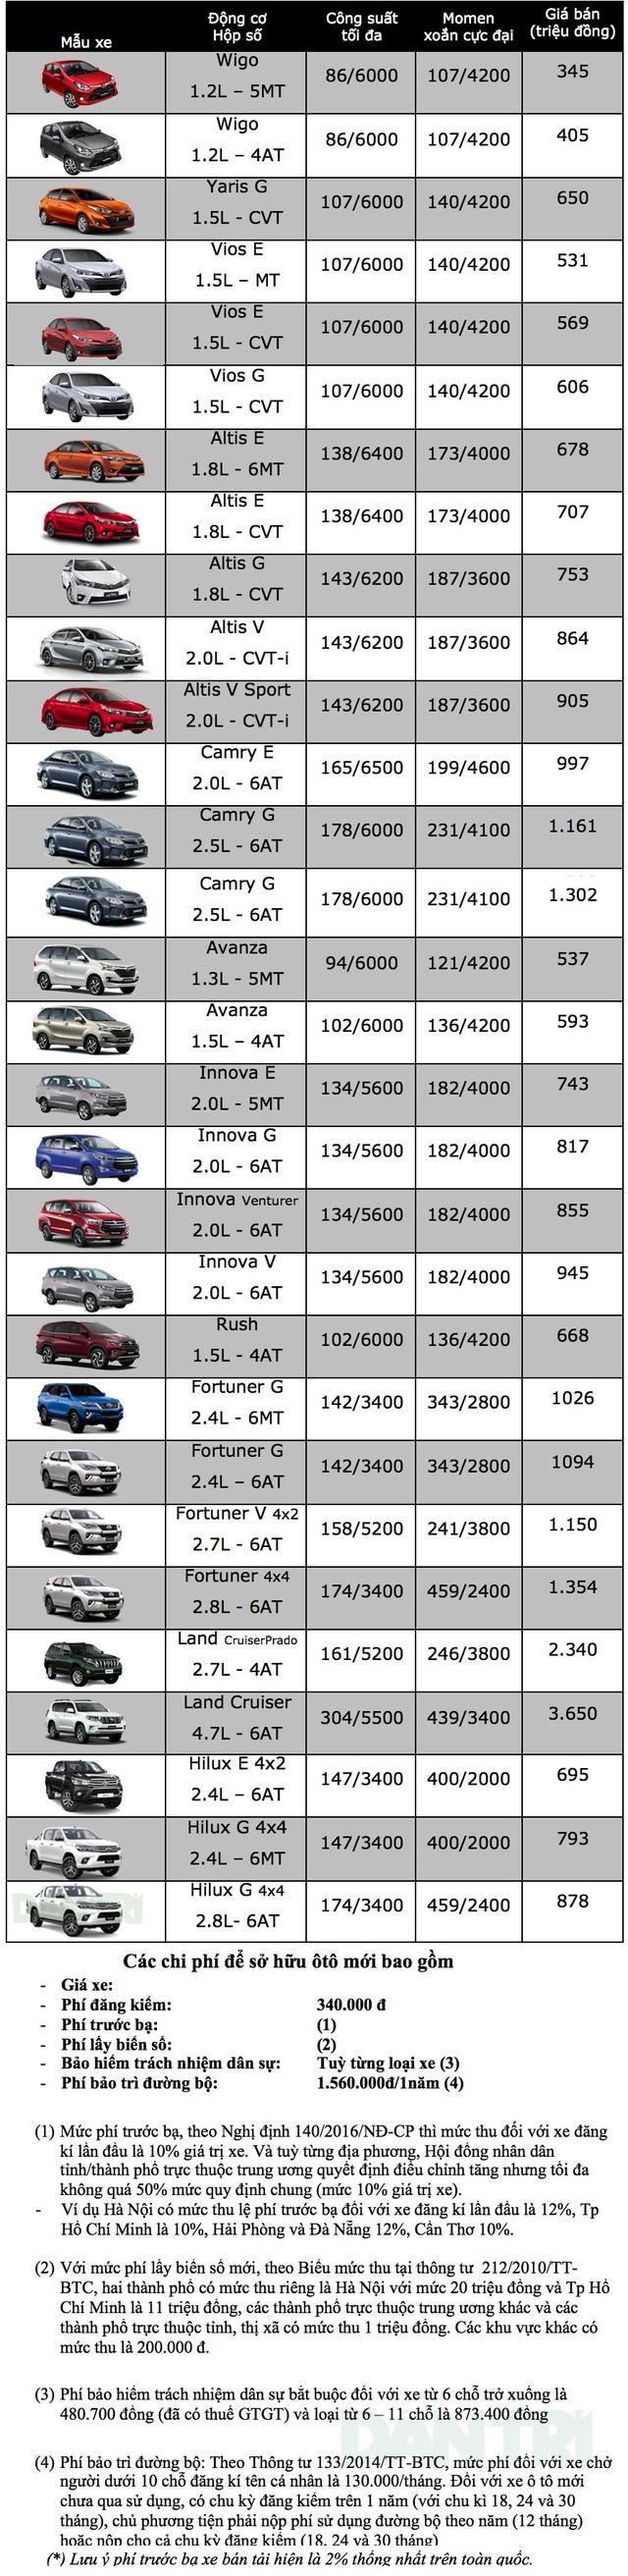 Bảng giá xe Toyota tại Việt Nam cập nhật tháng 9/2018 - 1